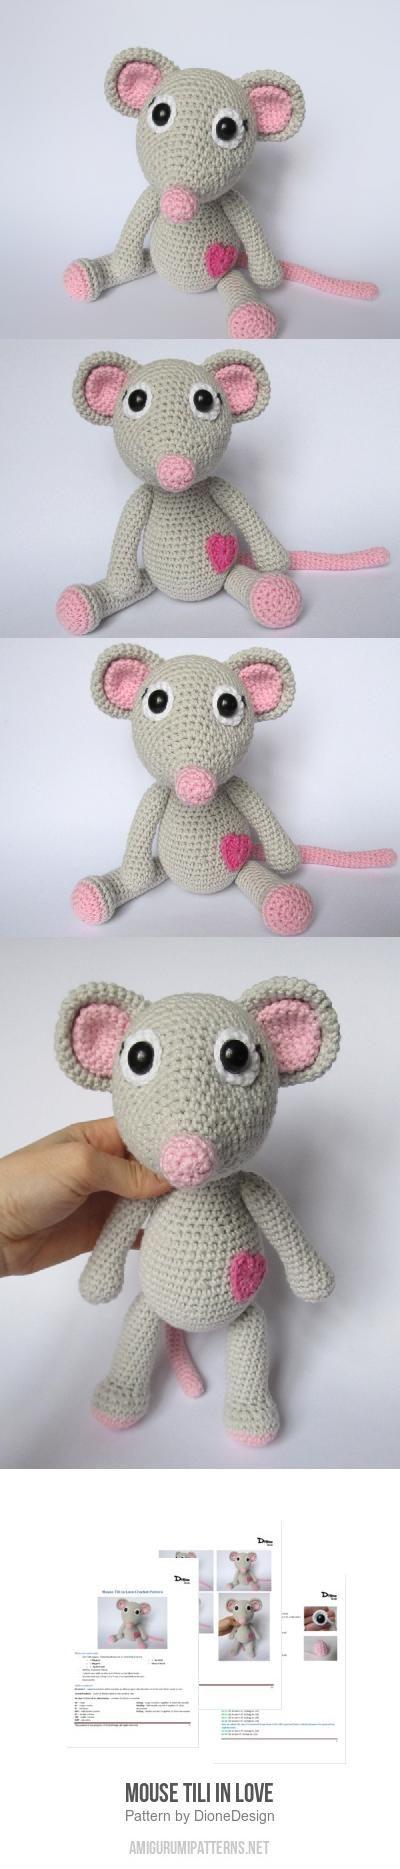 Mejores 222 imágenes de crochet en Pinterest | Ganchillo, Tejer y ...